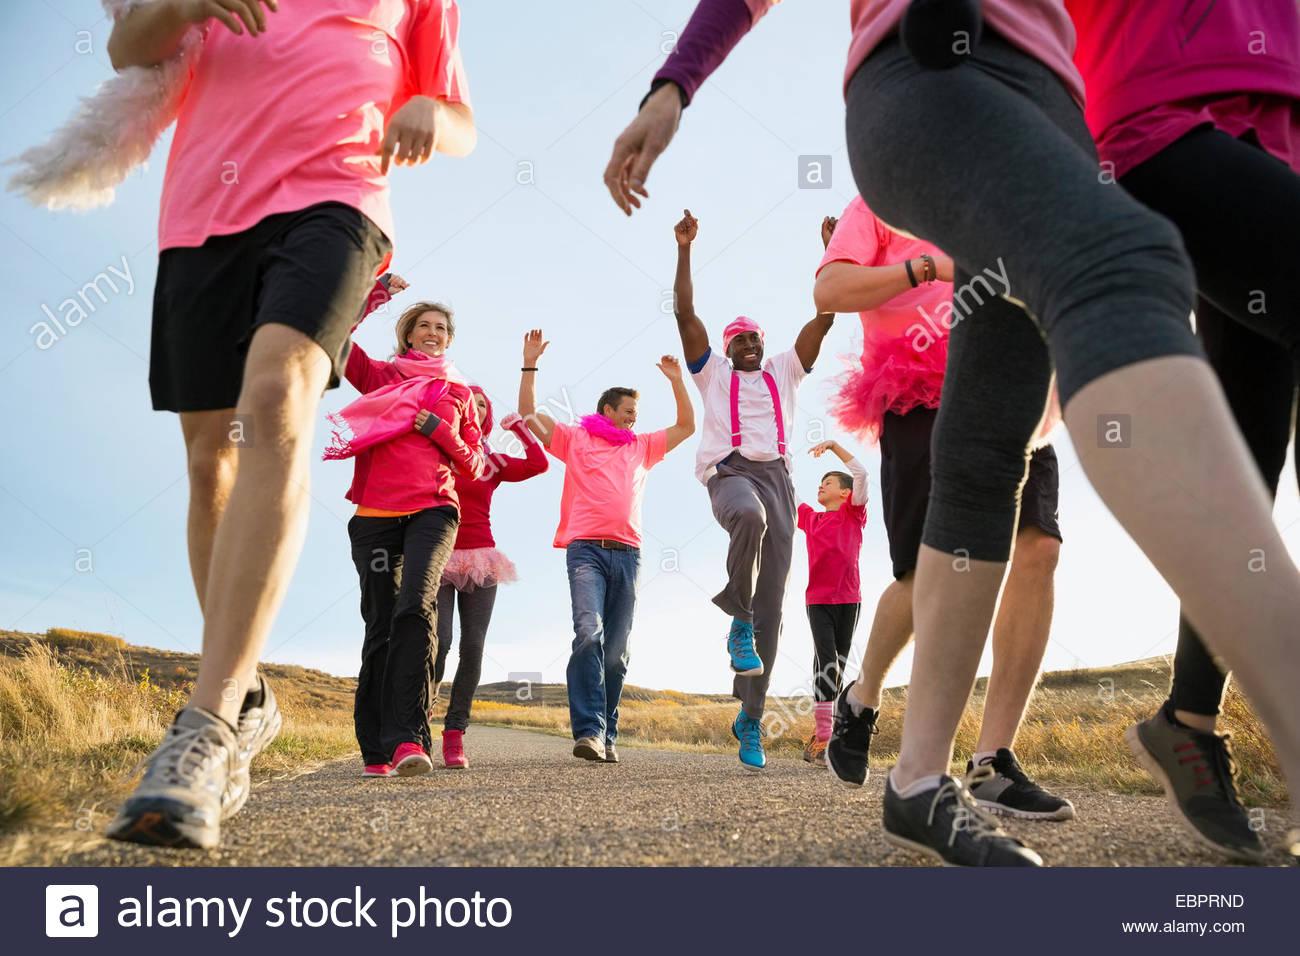 Gruppe in rosa zu Fuß in der Charity-Rennen Stockbild